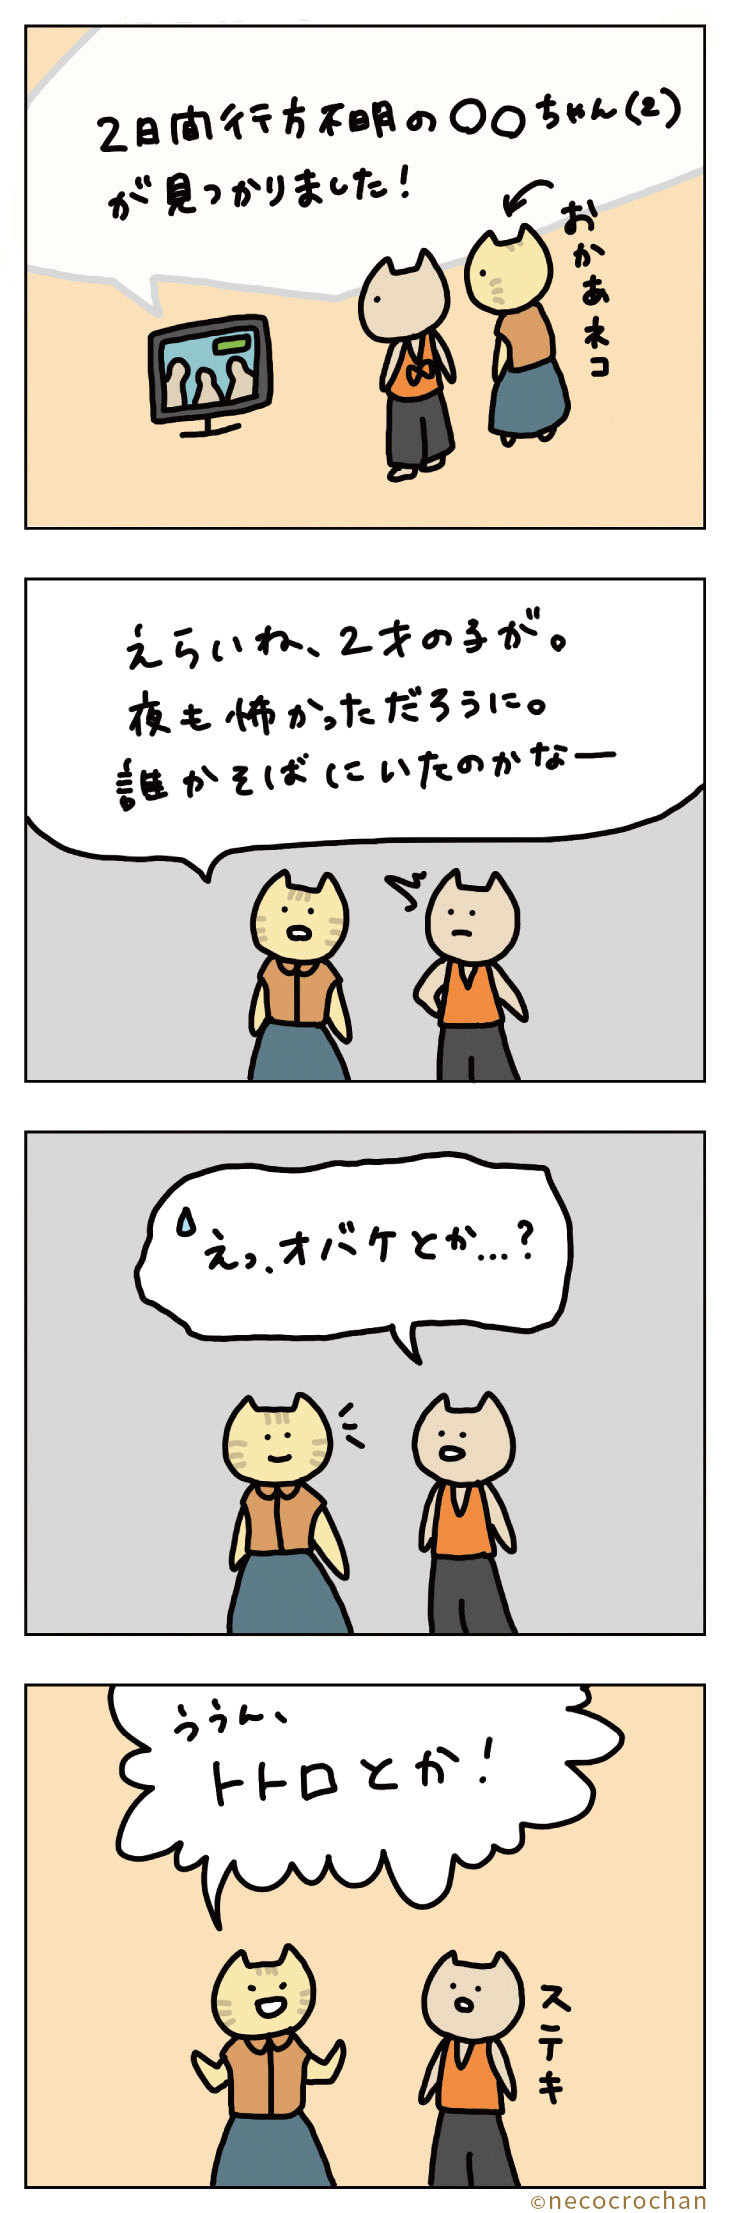 4コマ漫画ねこくろにっき「おかあねこ〜ニュース〜」